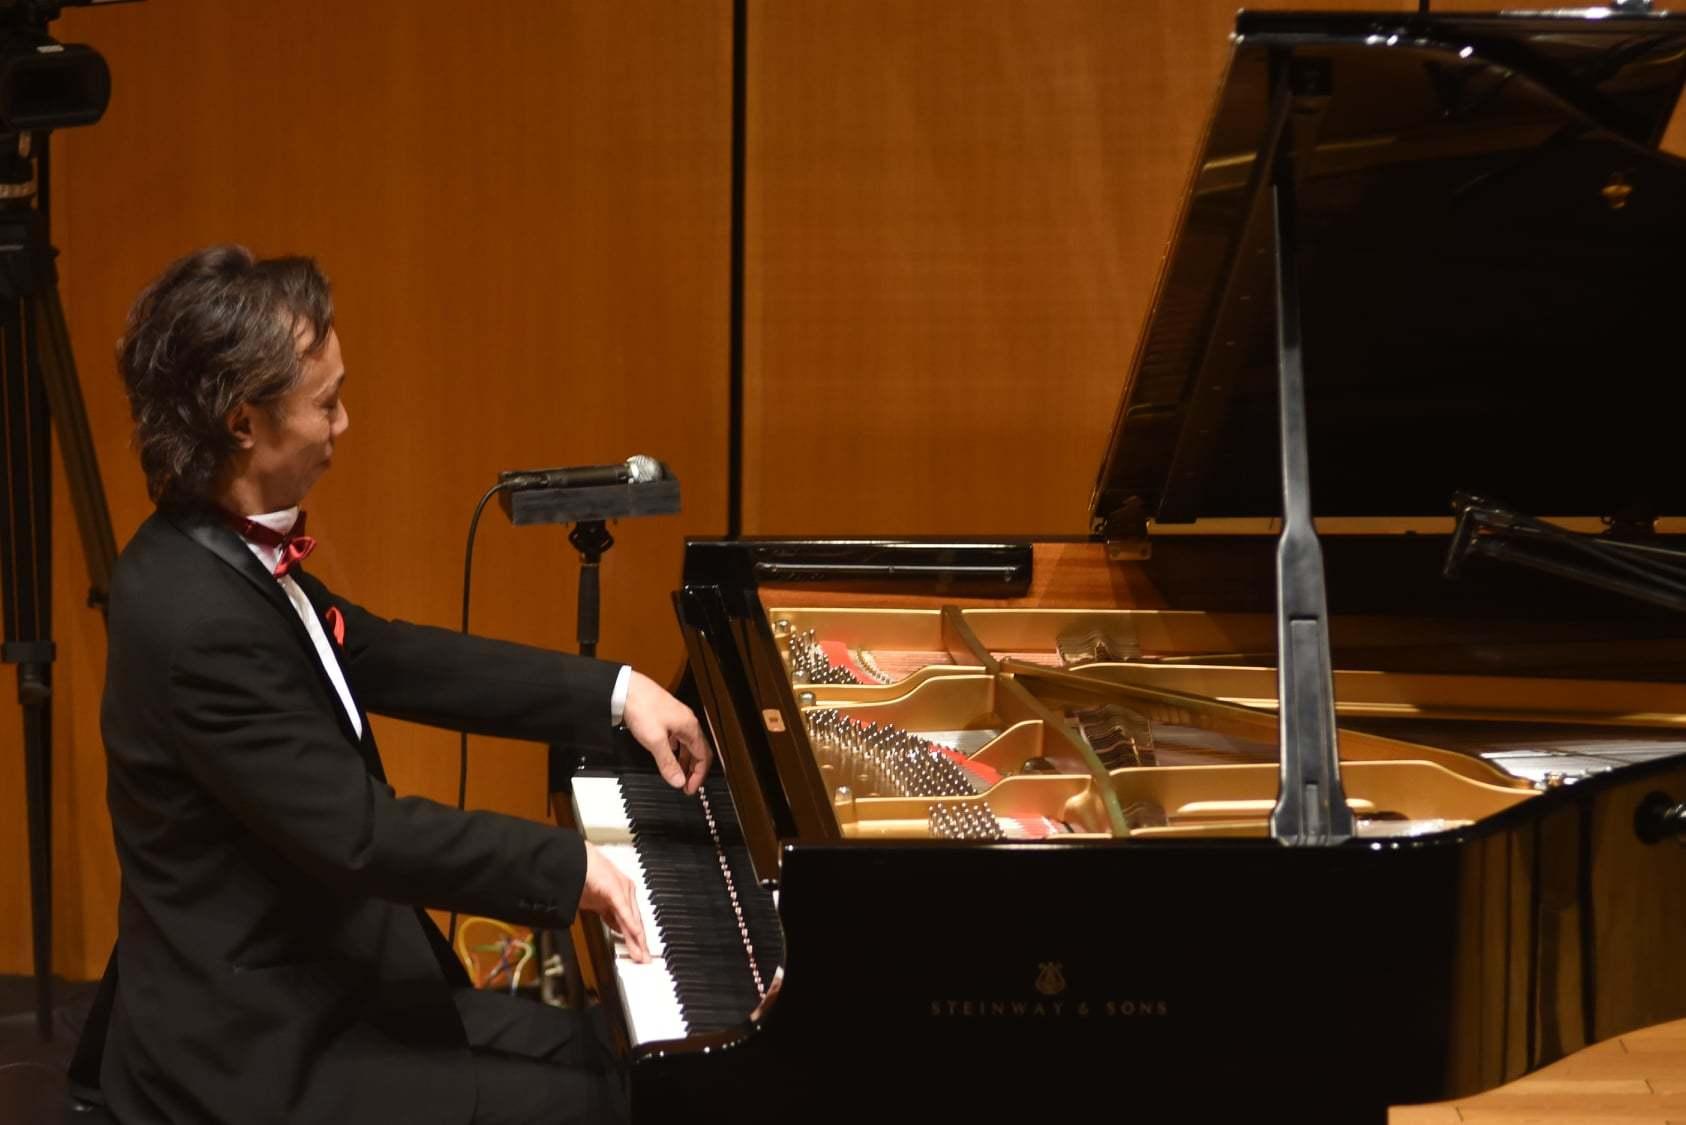 ありがとうございました!2021.02.27(土)板垣光弘ソロピアノコンサート『マイ・ラウンジ・ミュージック 2021 春』武蔵野スイングホール_d0003502_23532753.jpg